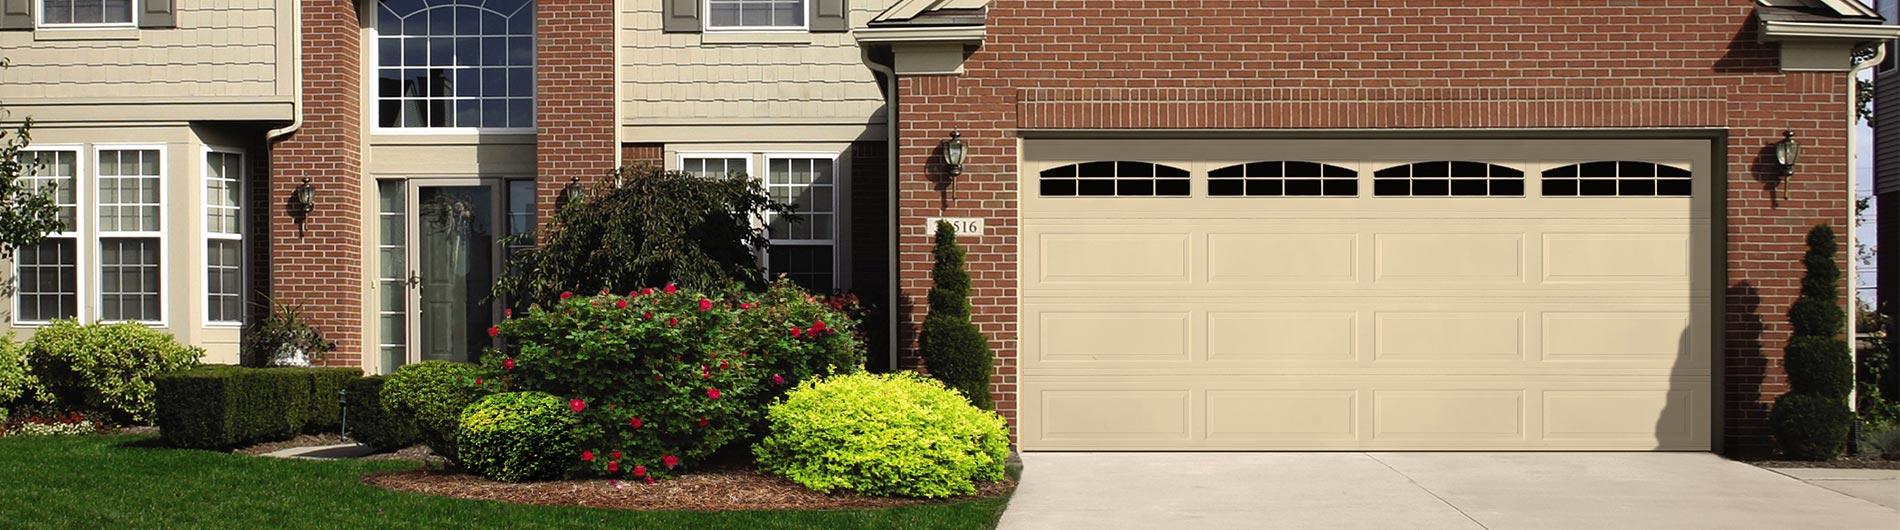 Classic Steel Garage Doors 8000-8100-8200